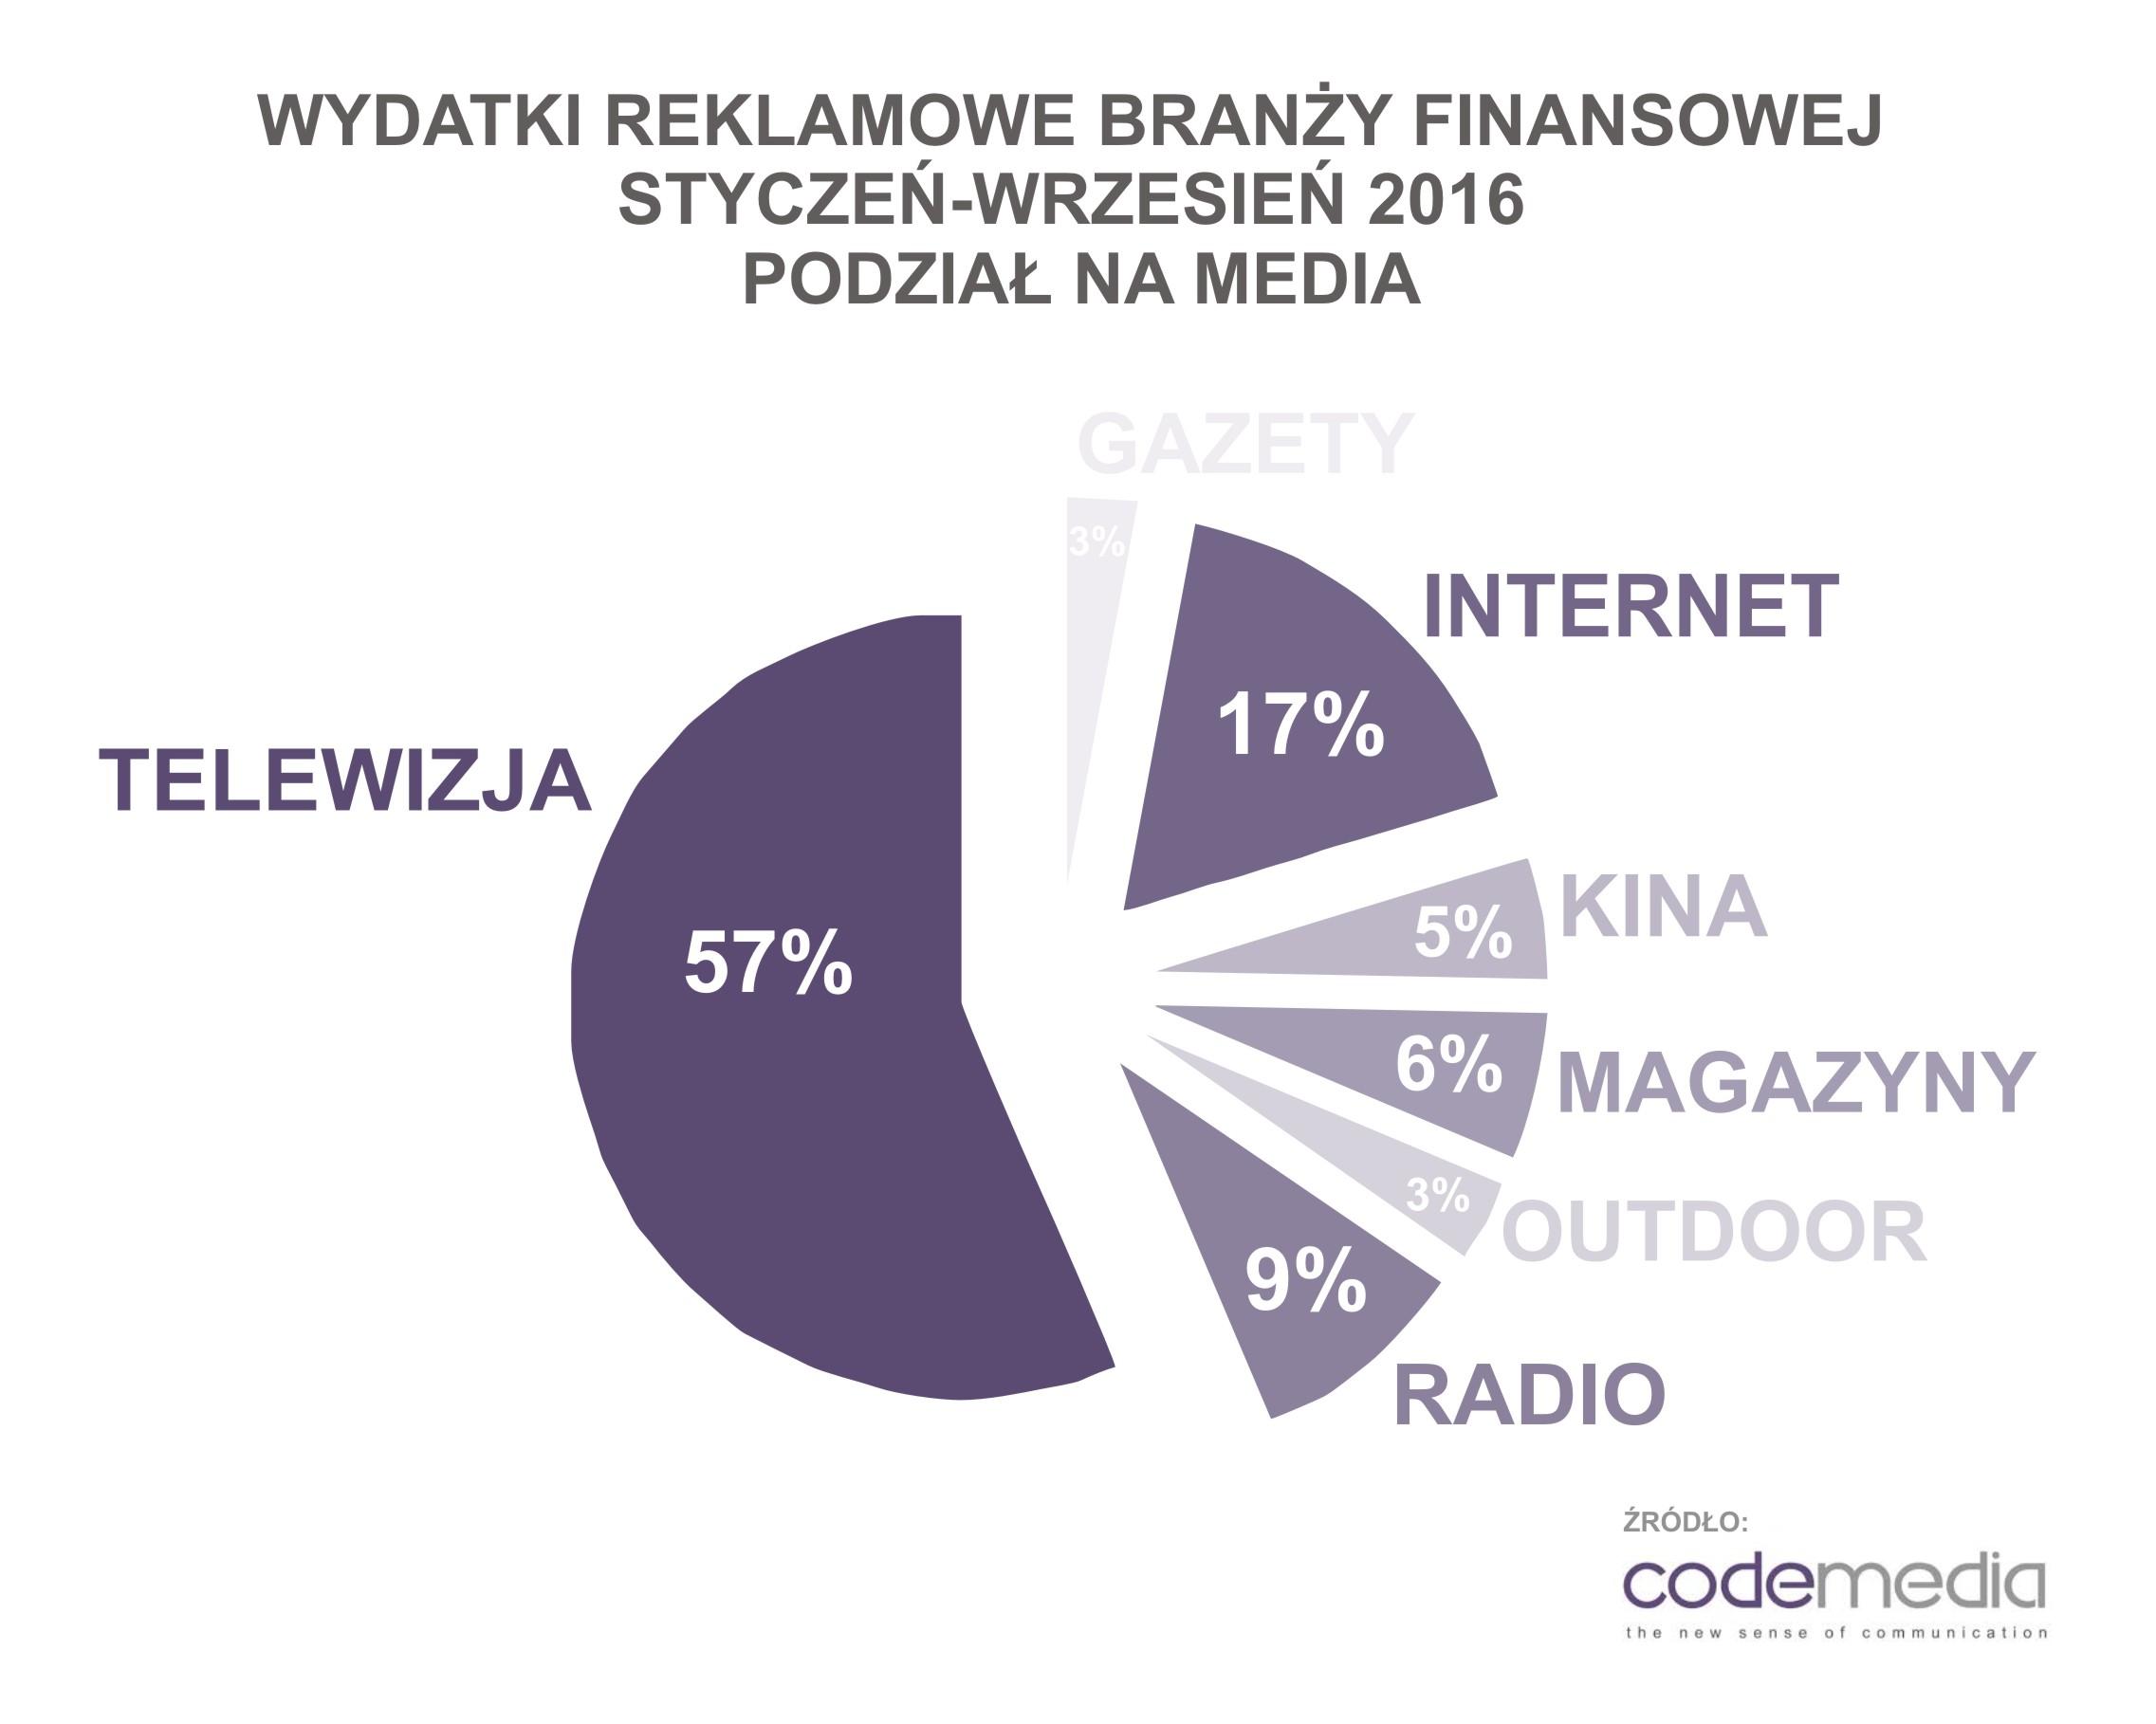 codemedia_finanse_wydatki_reklamowe_podzial_na_media